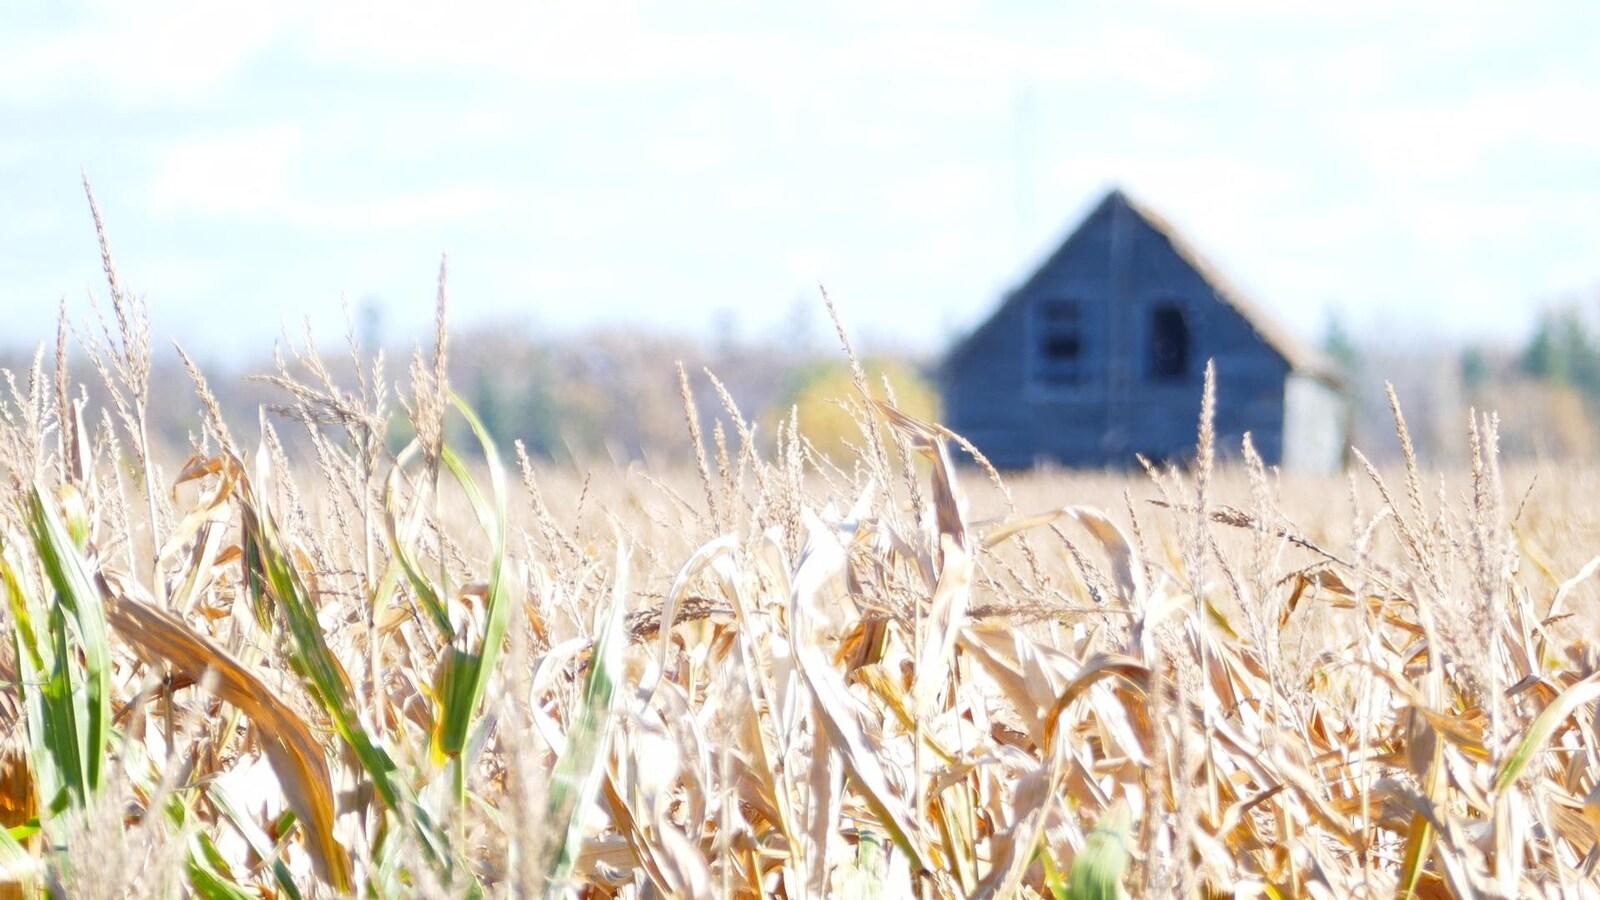 Un champ de blé prêt à être récolté, sous un soleil éclatant, avec une maison de ferme en arrière-plan.